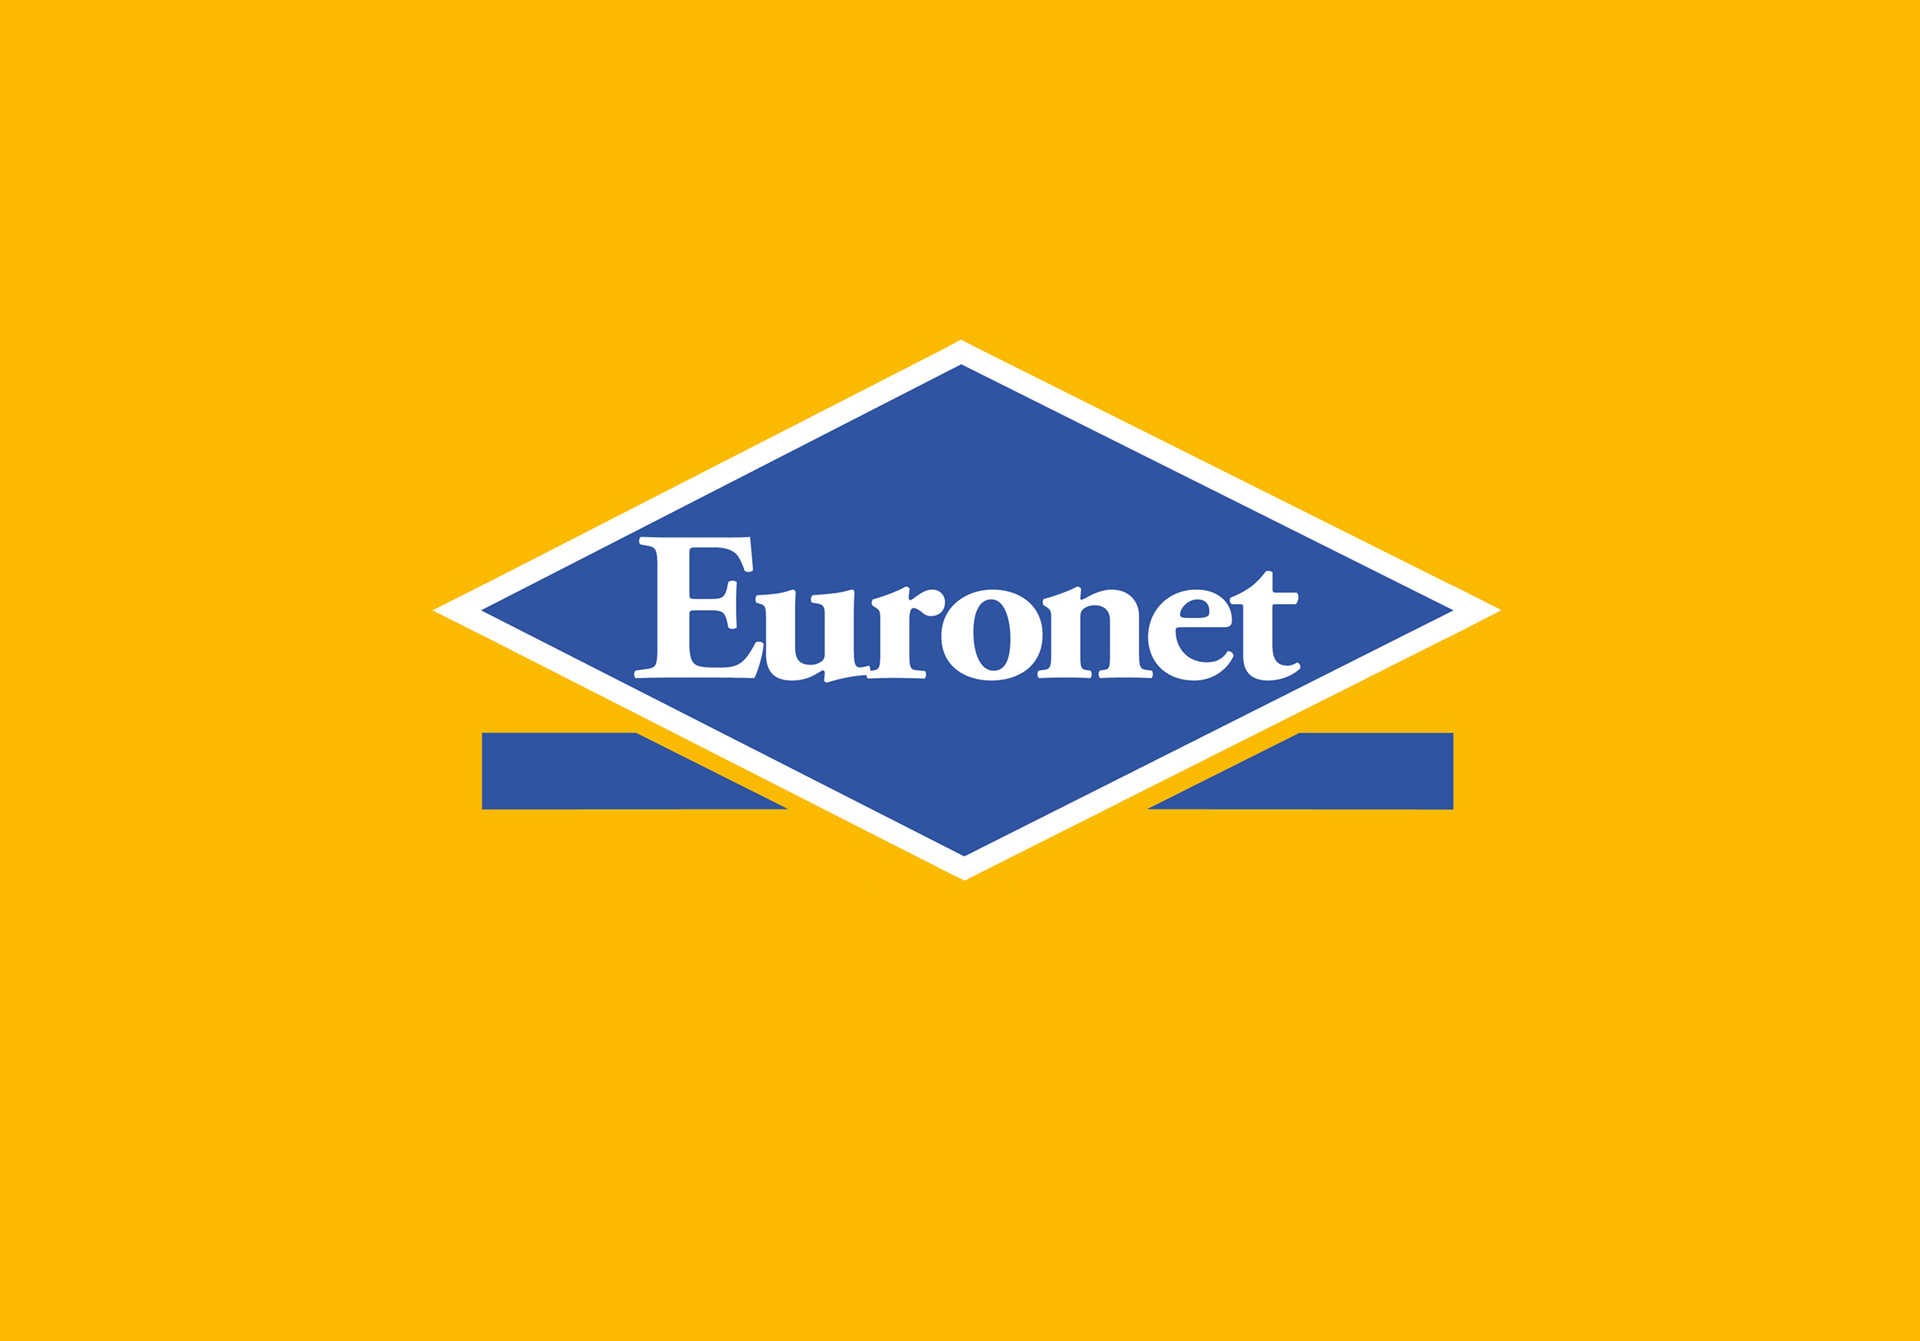 Euronet - Geldautomat - ATM